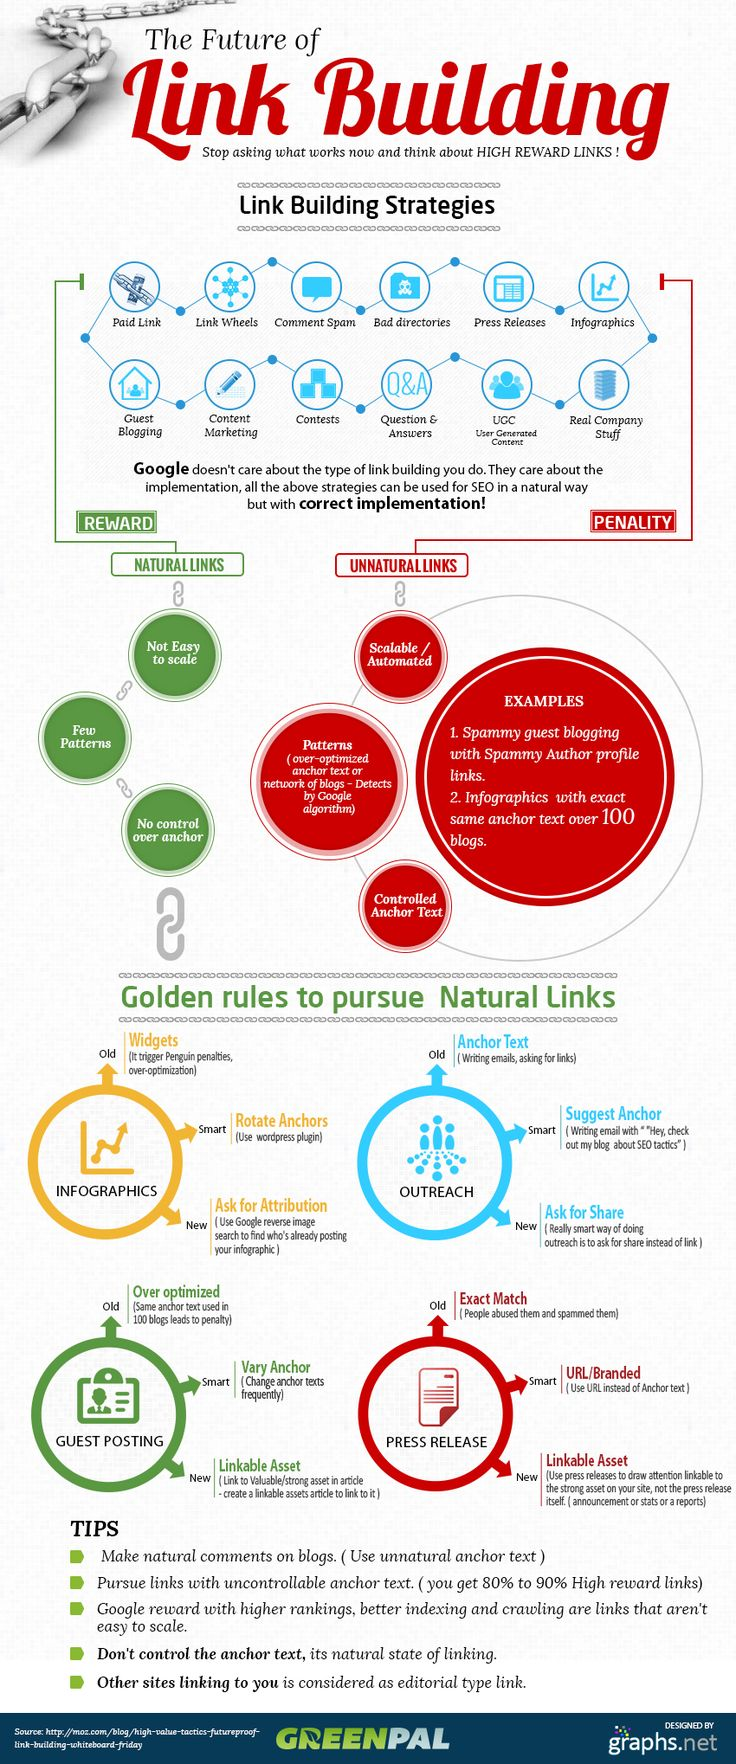 las mejores estrategias de link building